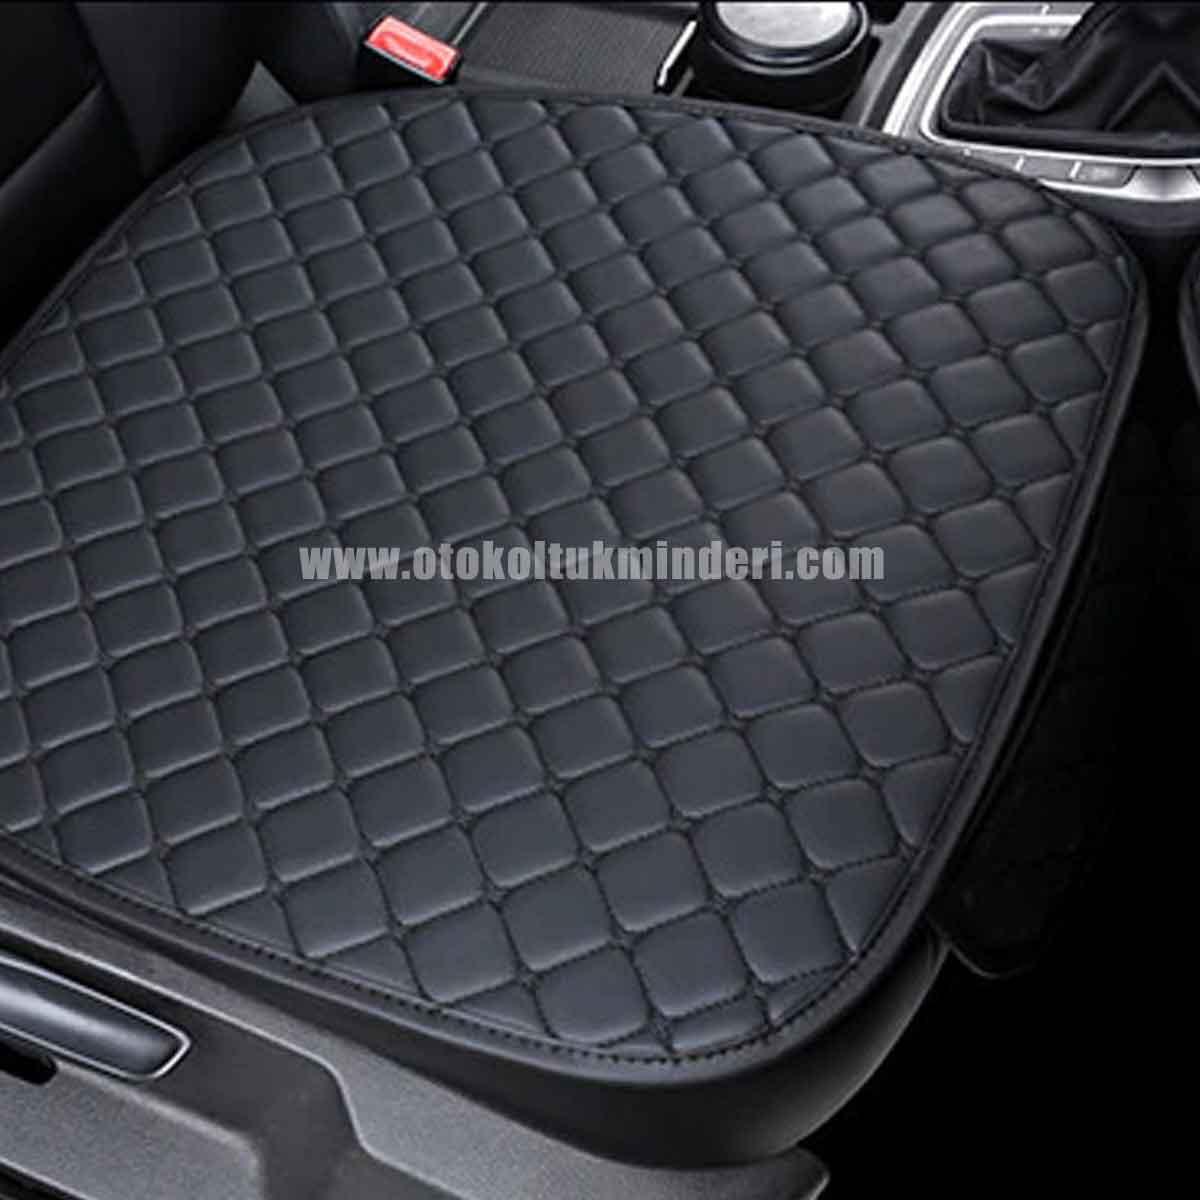 Volkswagen oto koltuk kılıfı